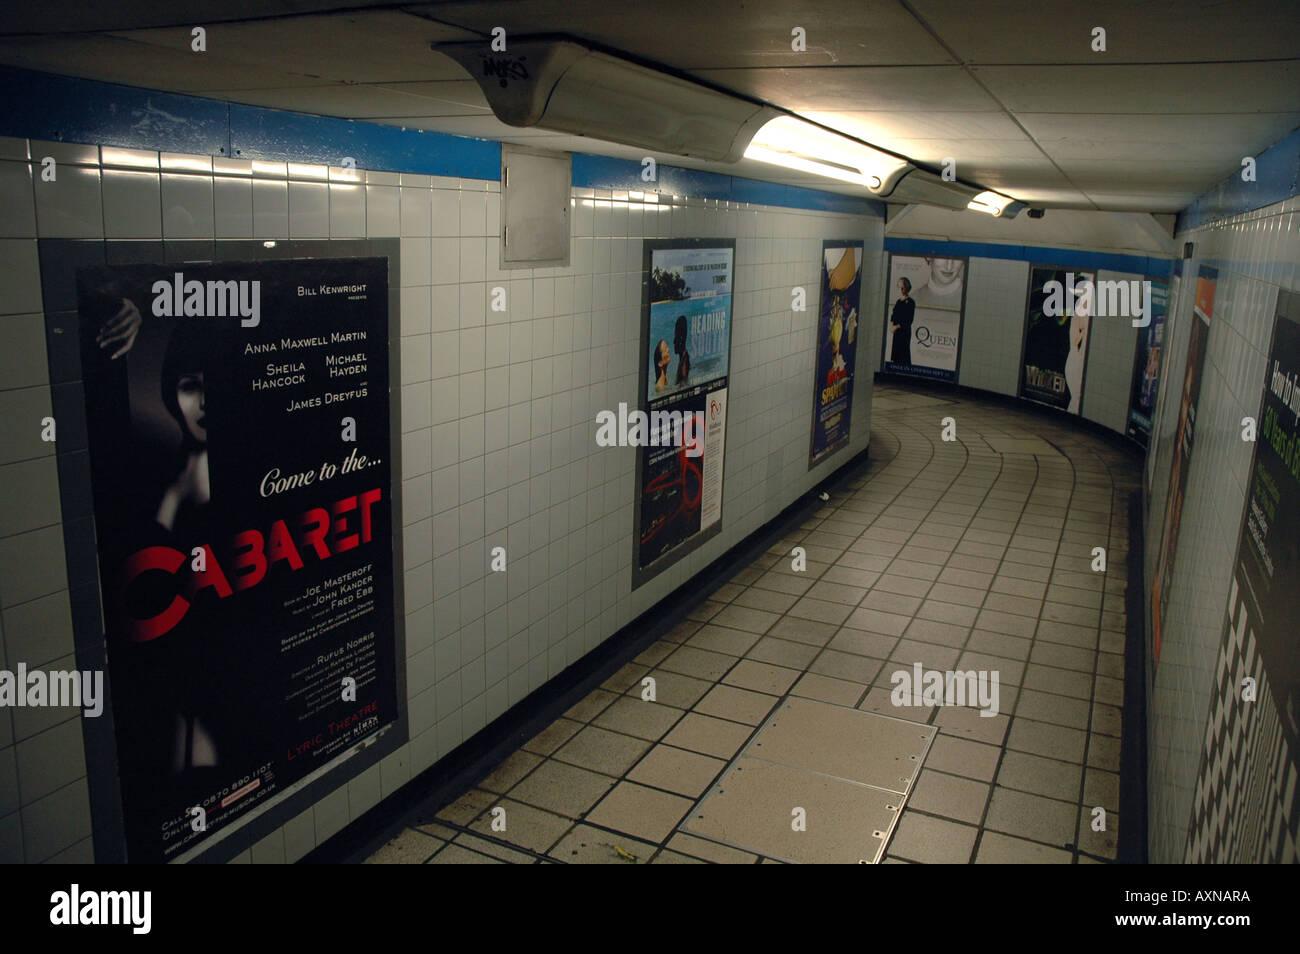 Underground passage to London tube station - Stock Image